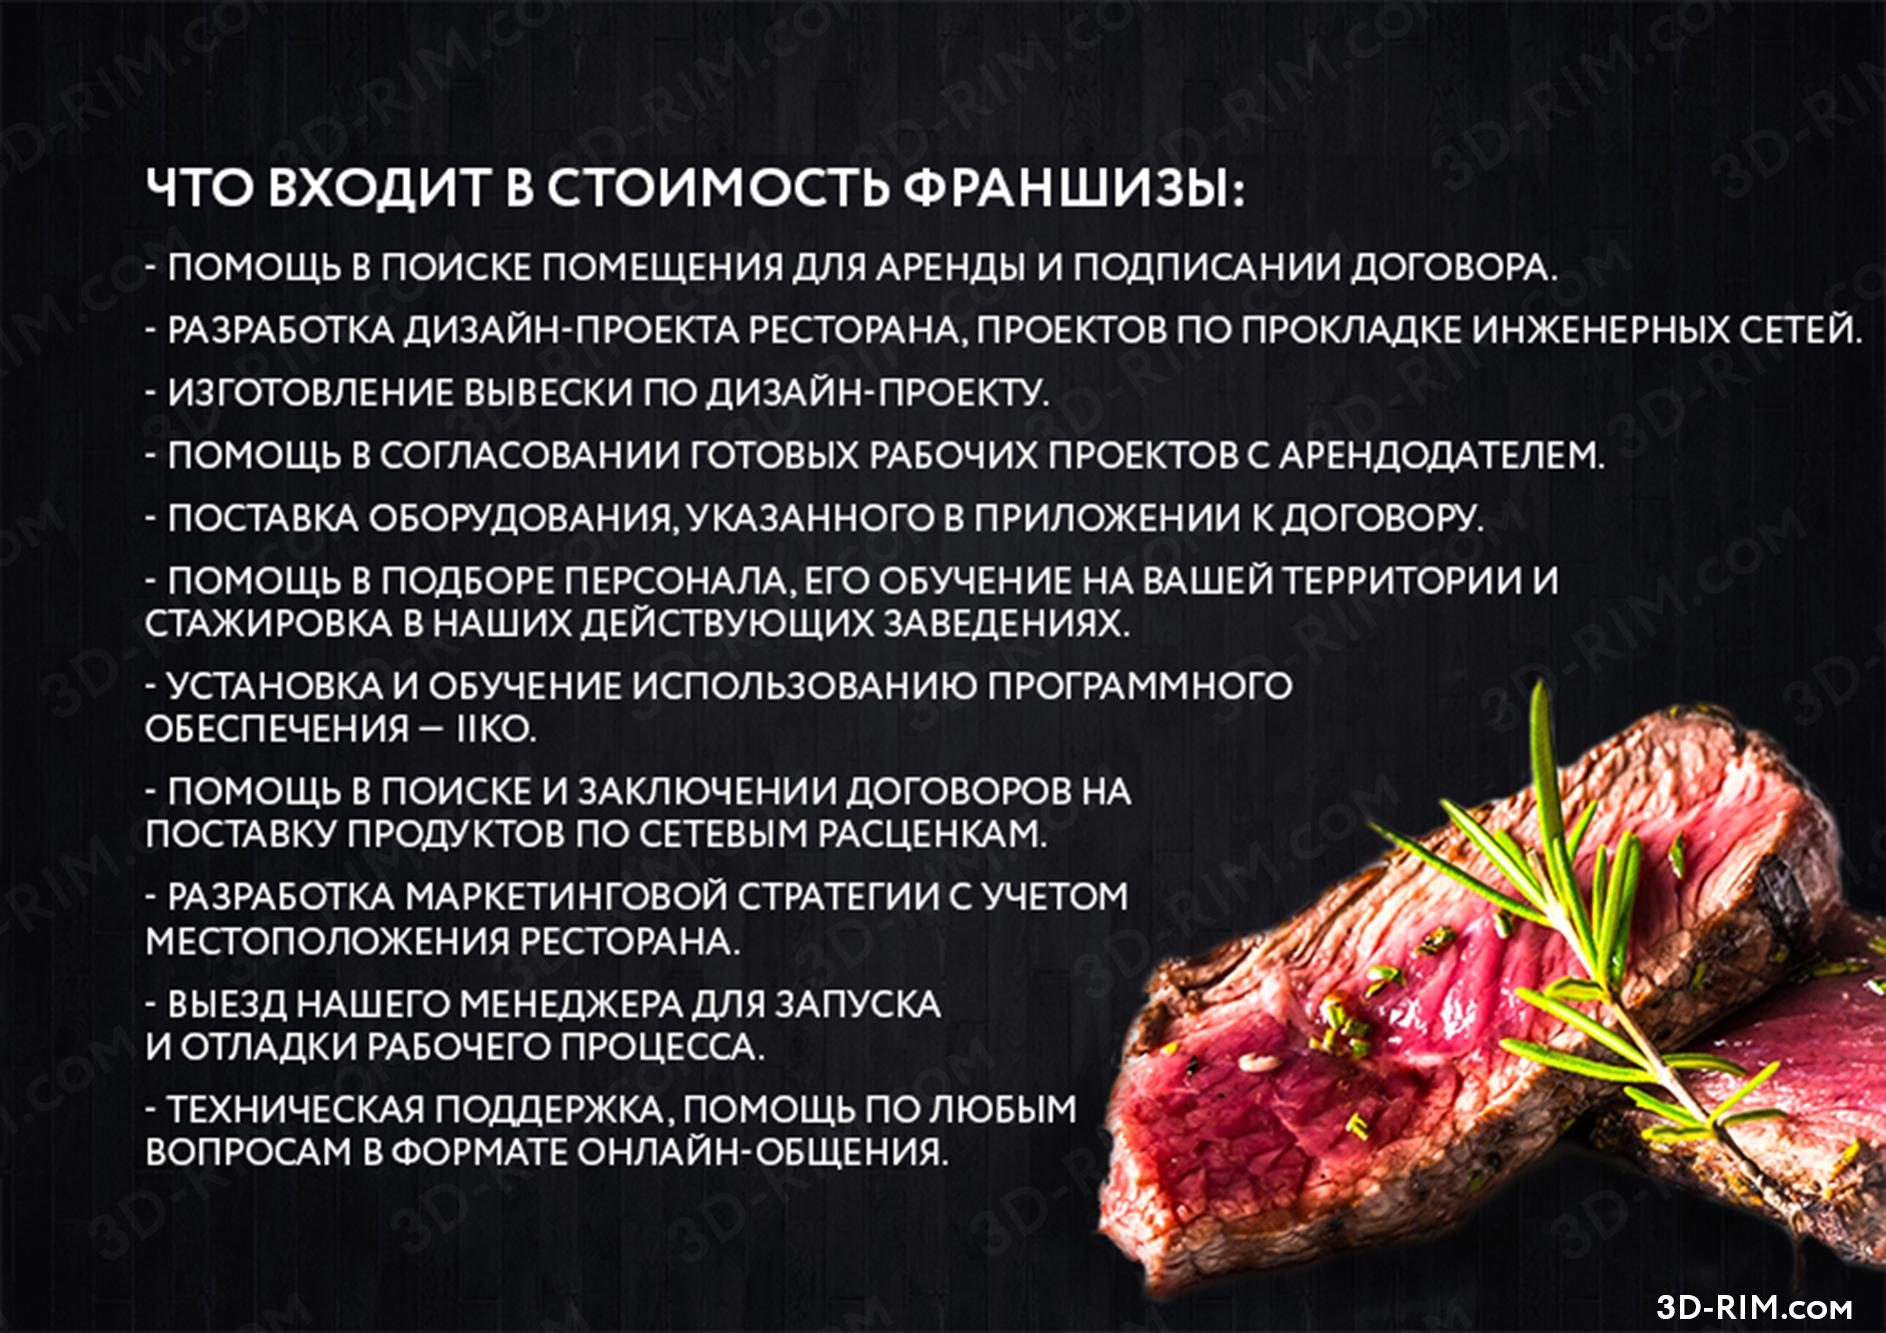 Презентация FreshГриль